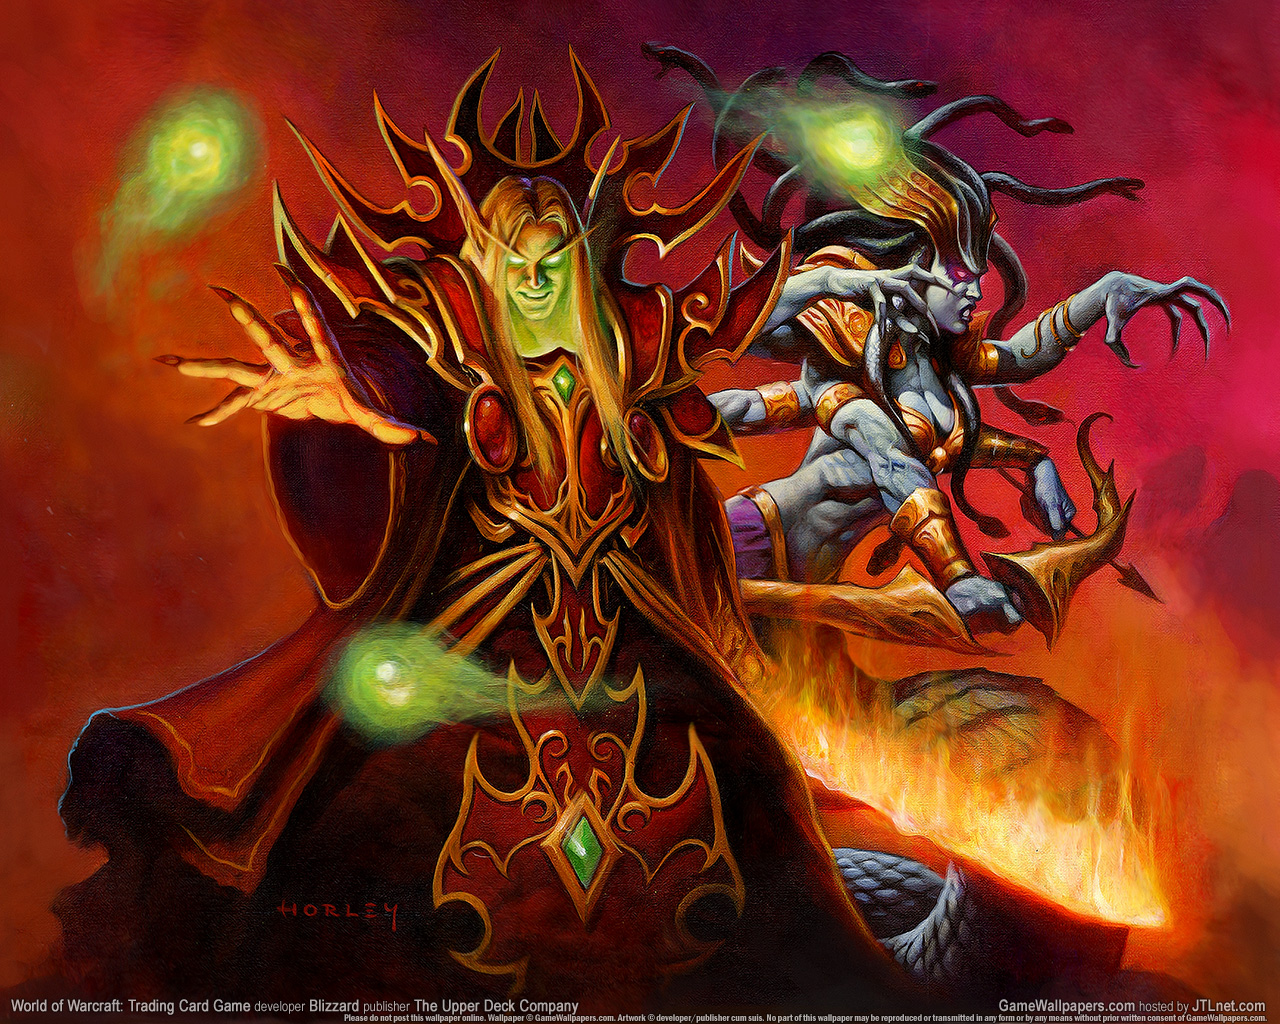 Wallpaper World of Warcraft: Mists Of Pandaria HD 1920x1080 Full ... | 1024x1280